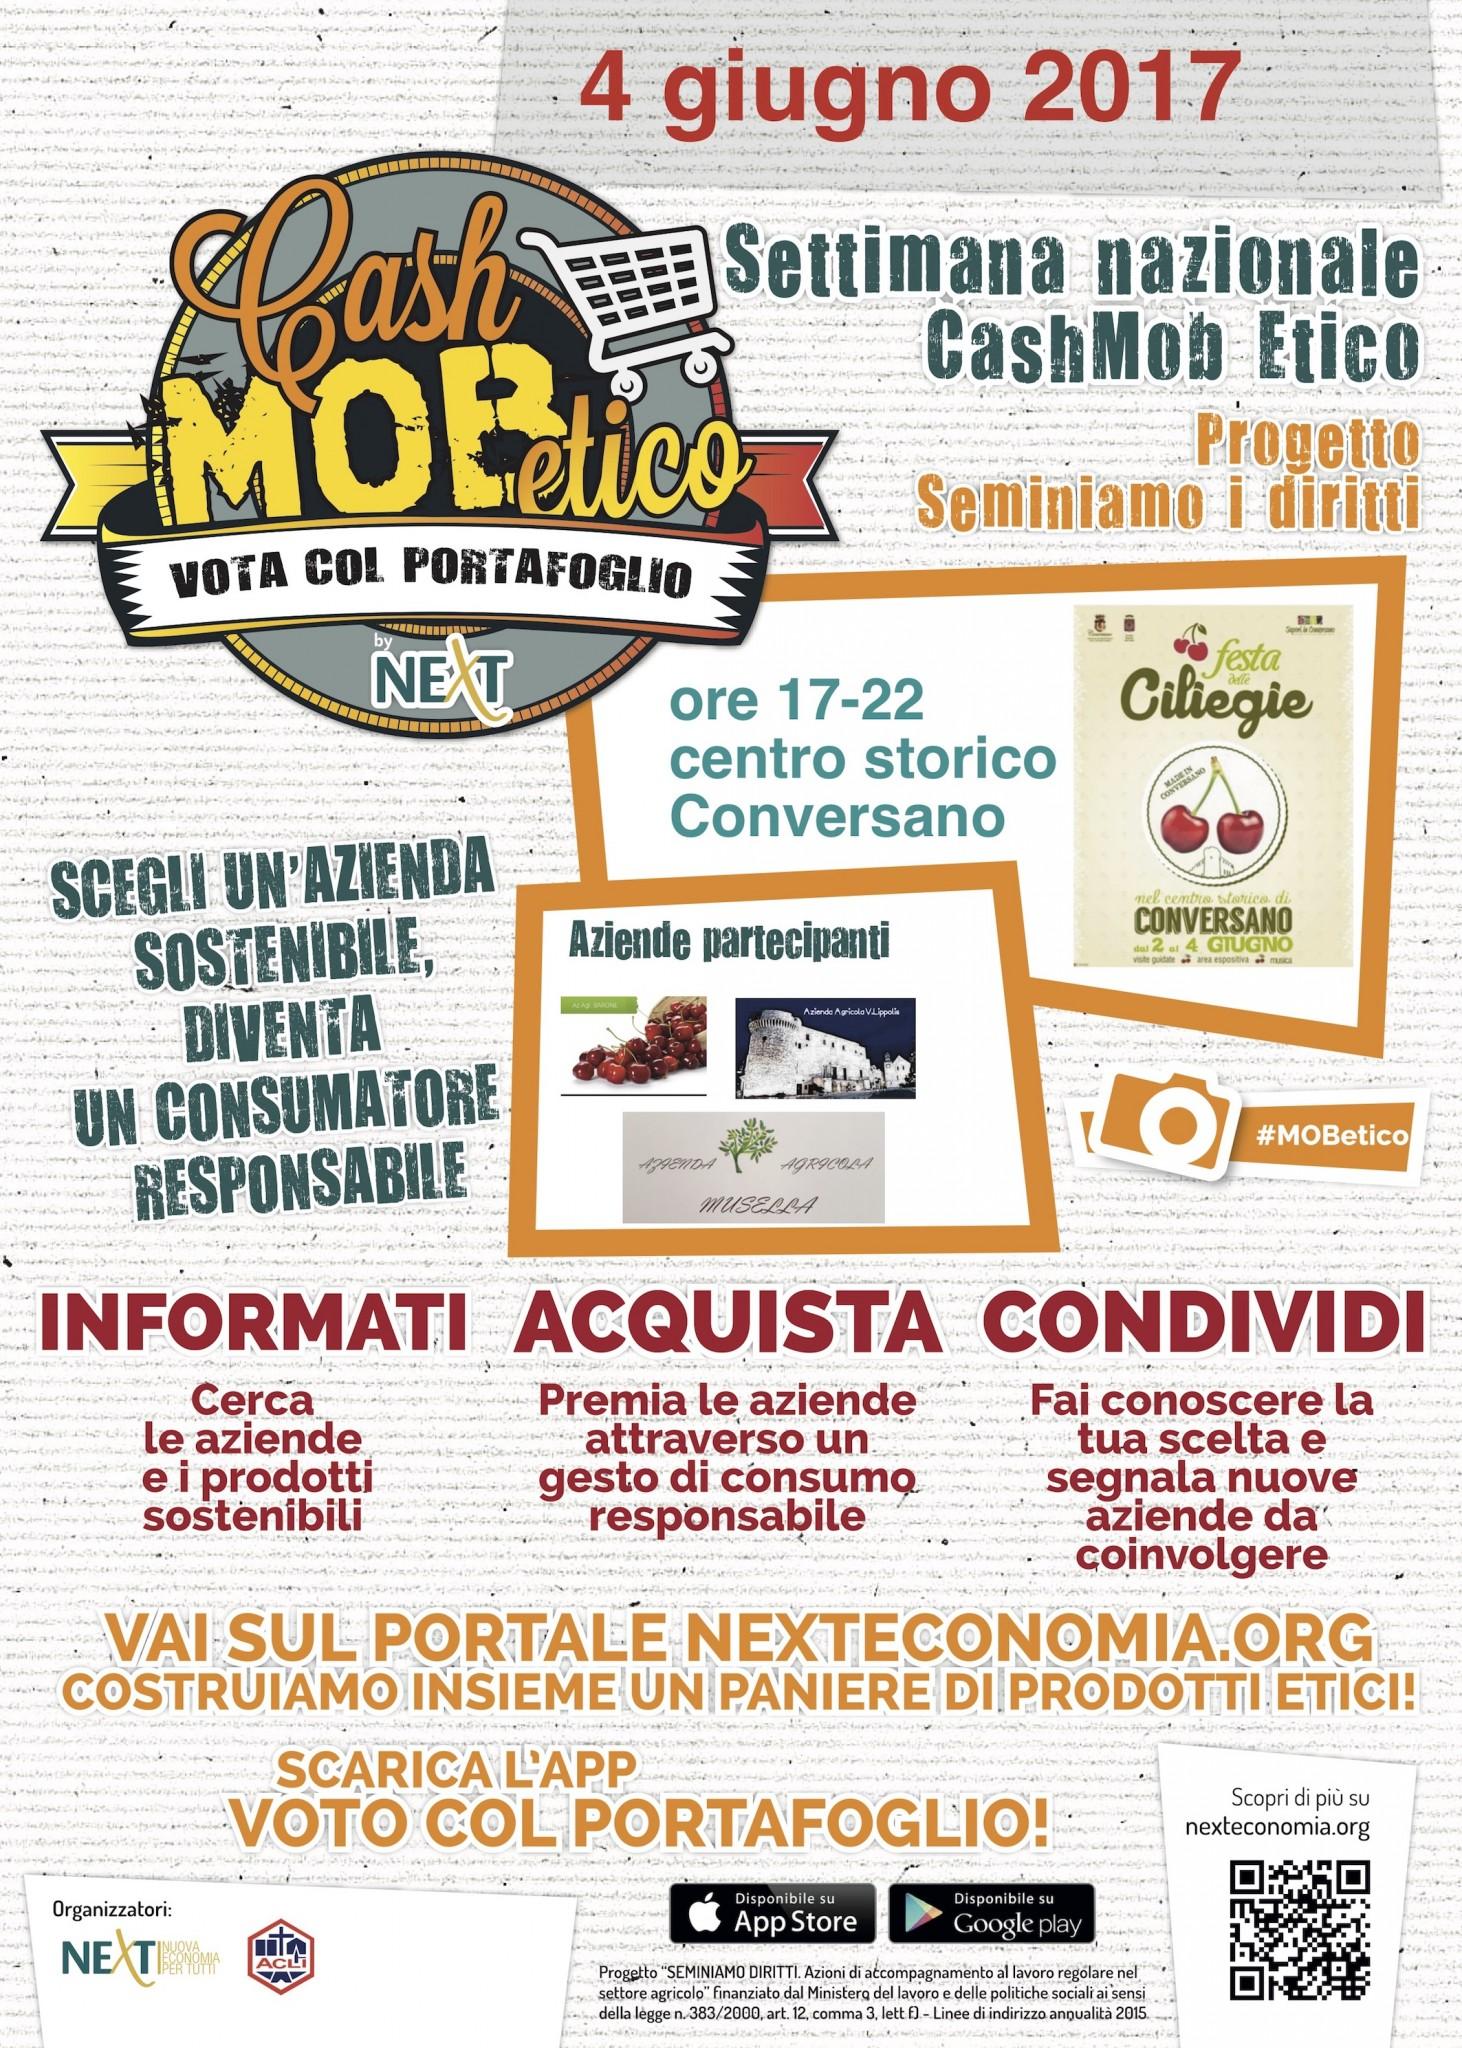 Locandina Cash Mob Etico Bari_4giugno